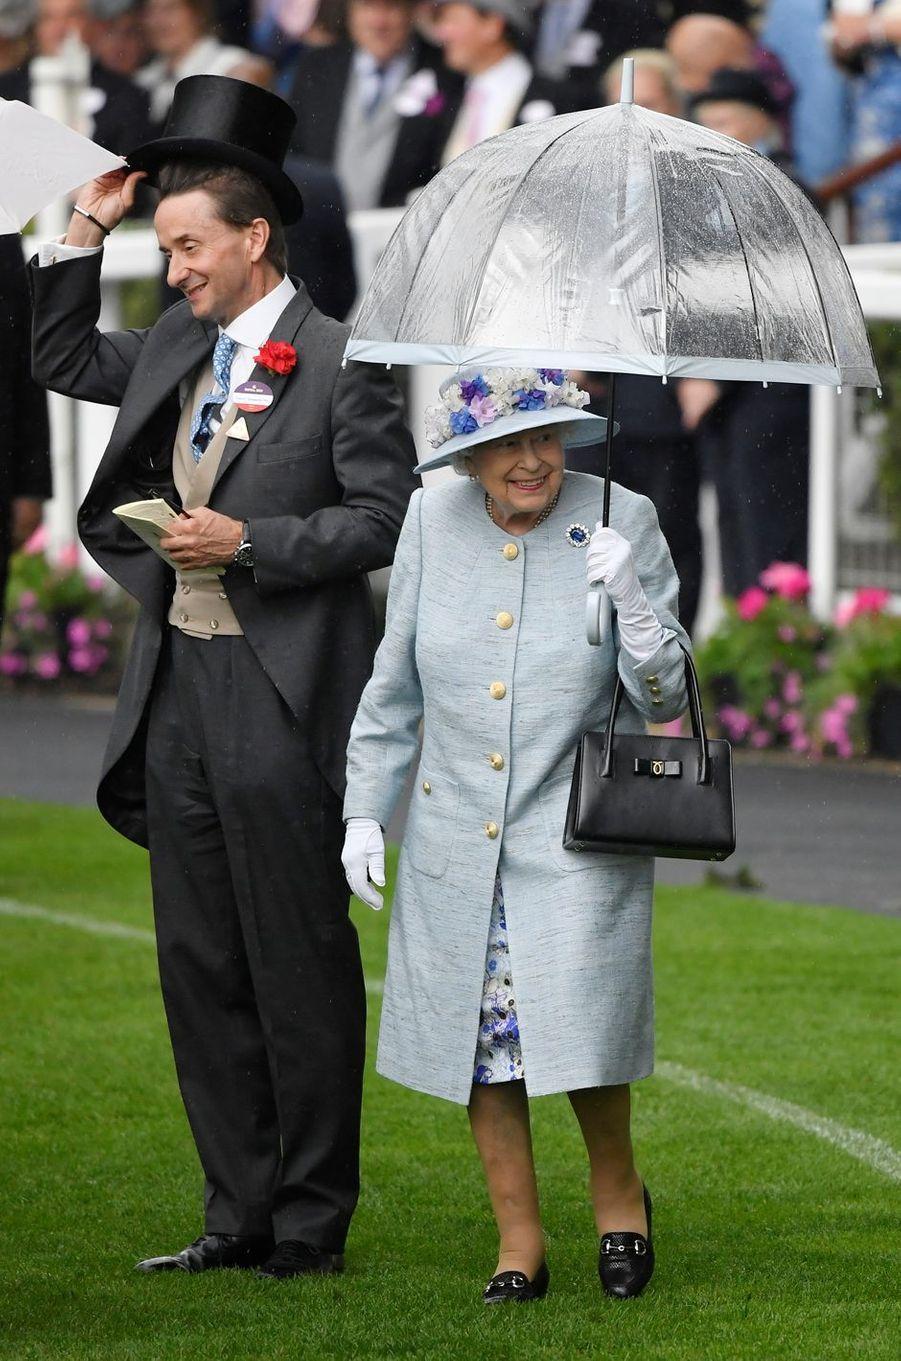 La reine Elizabeth II au Royal Ascot, le 19 juin 2019